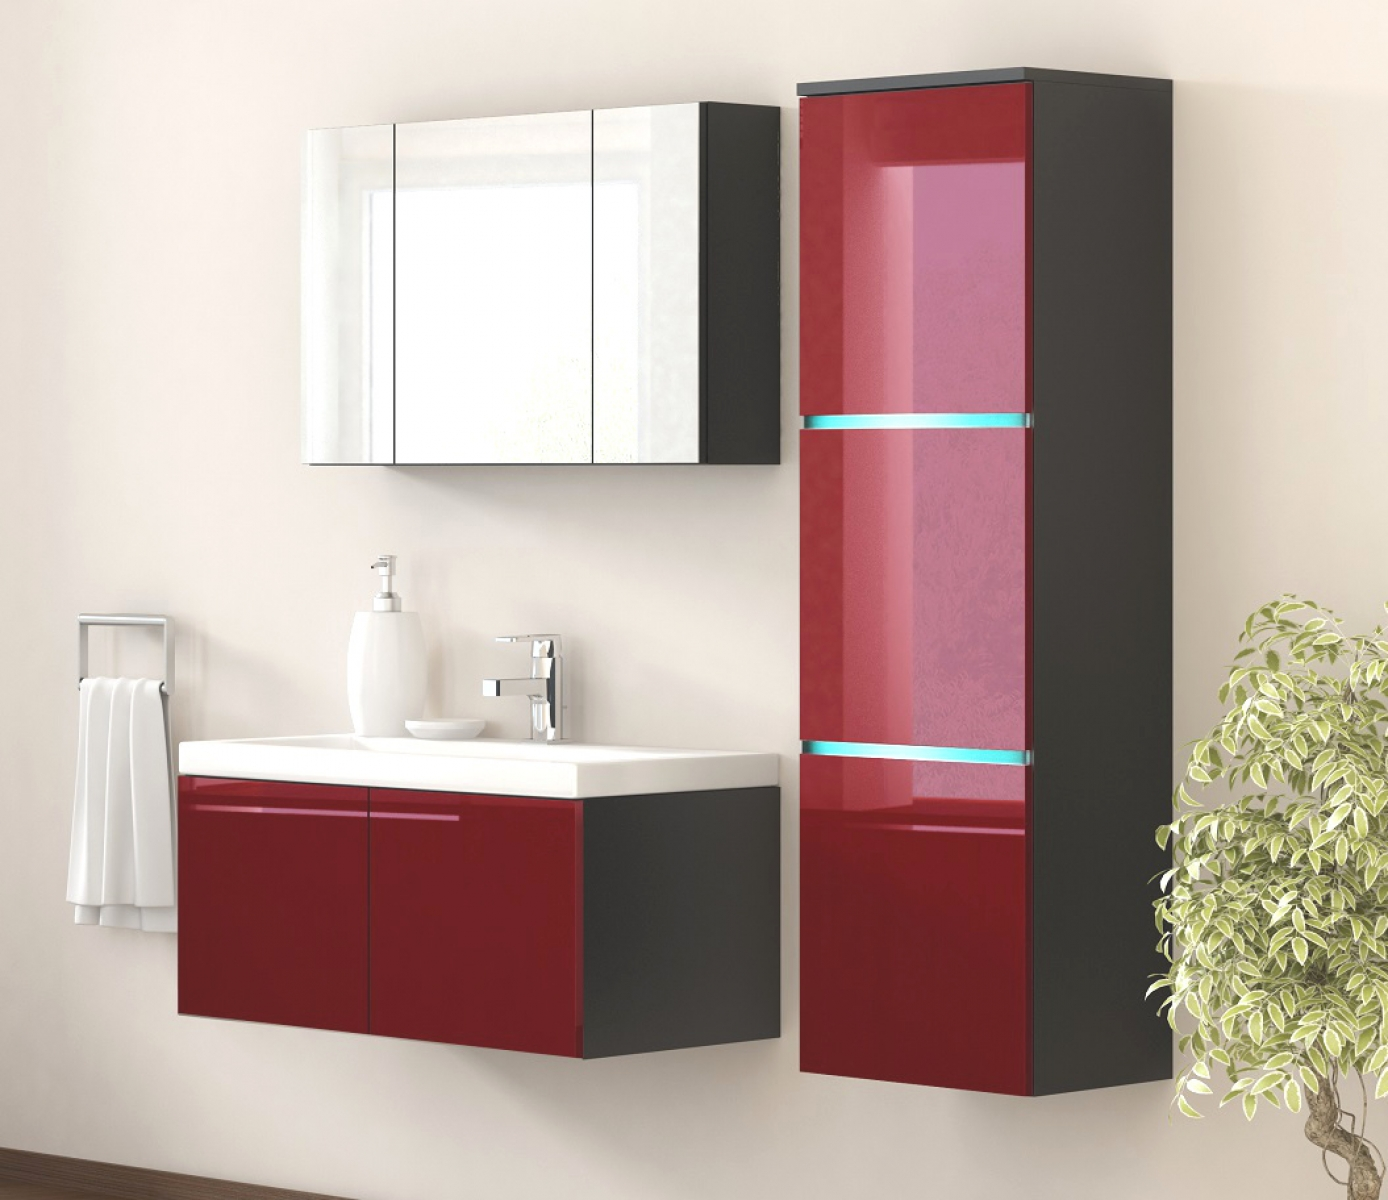 badmobel rot, kaufexpert - badmöbel-set werner xxl 1 rot hochglanz/ schwarz, Design ideen